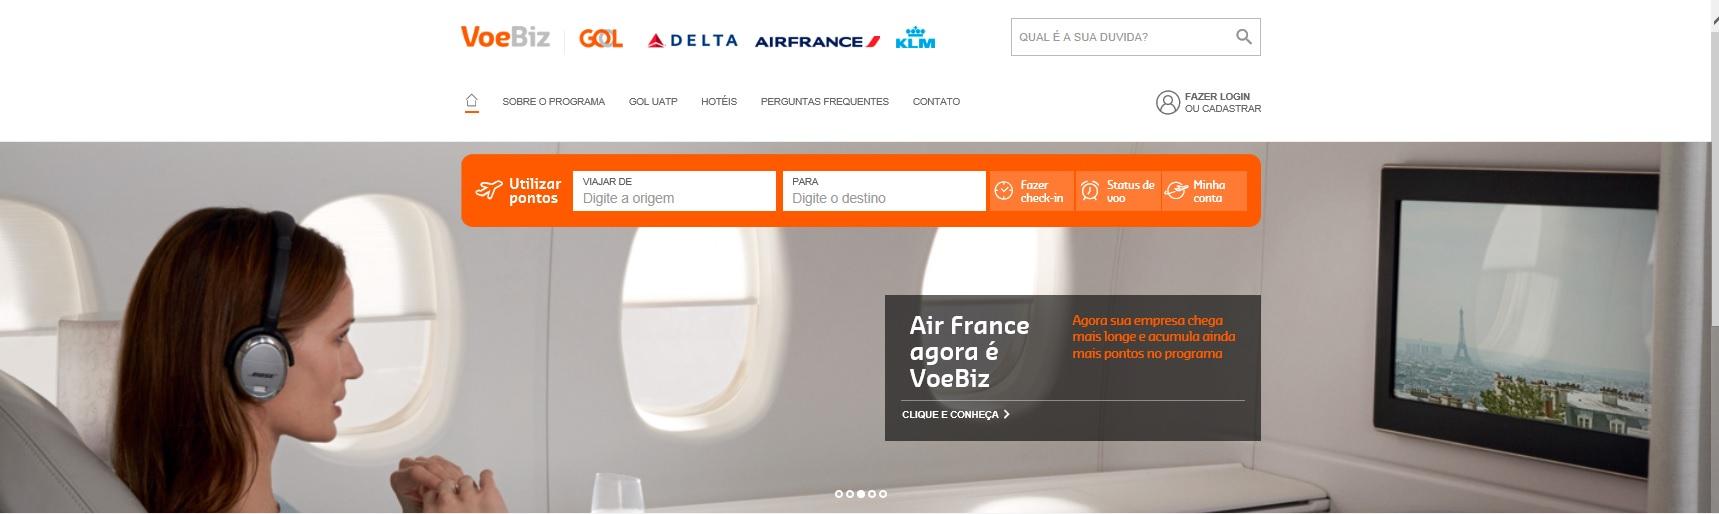 VoeBiz website